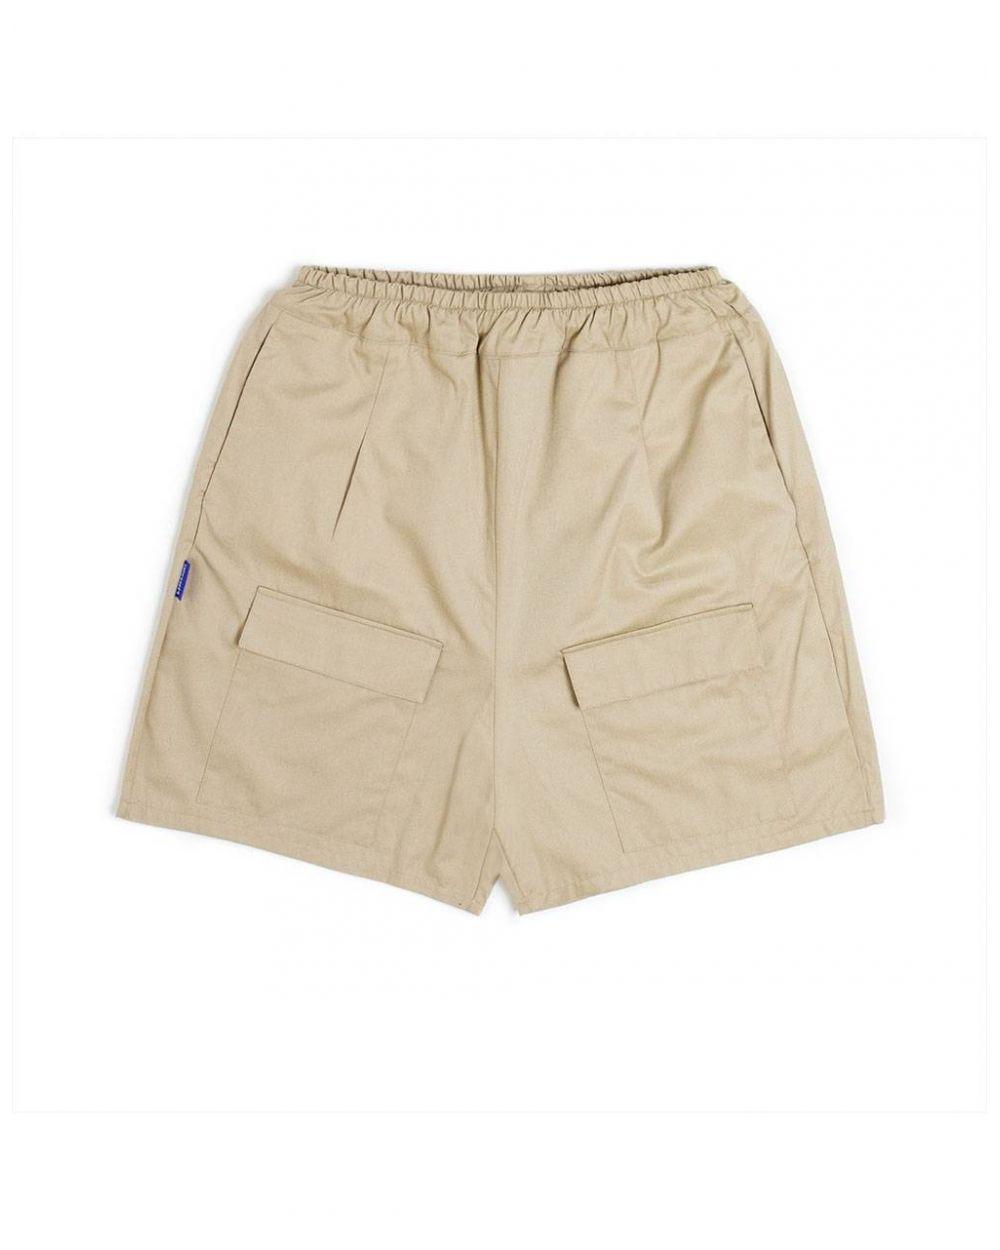 Nostalgia 1994 by Usual utility shorts - sand Usual Shorts 96,00€